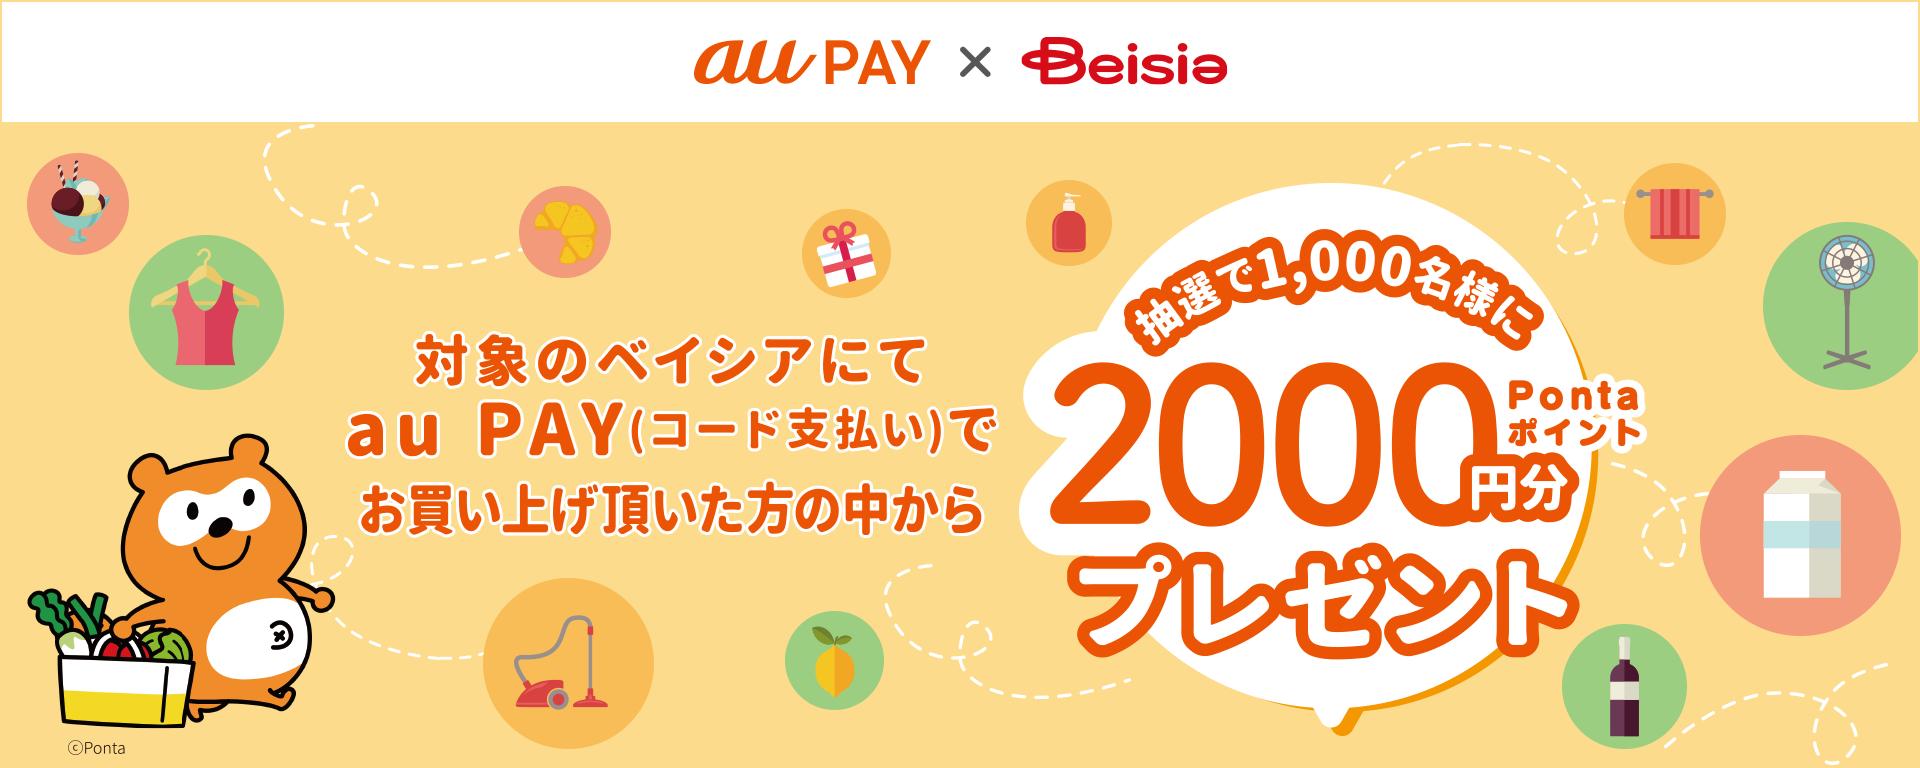 auPAYでベイシアで支払うと抽選で1000名に2000Pontaポイントが当たる。~10/18。